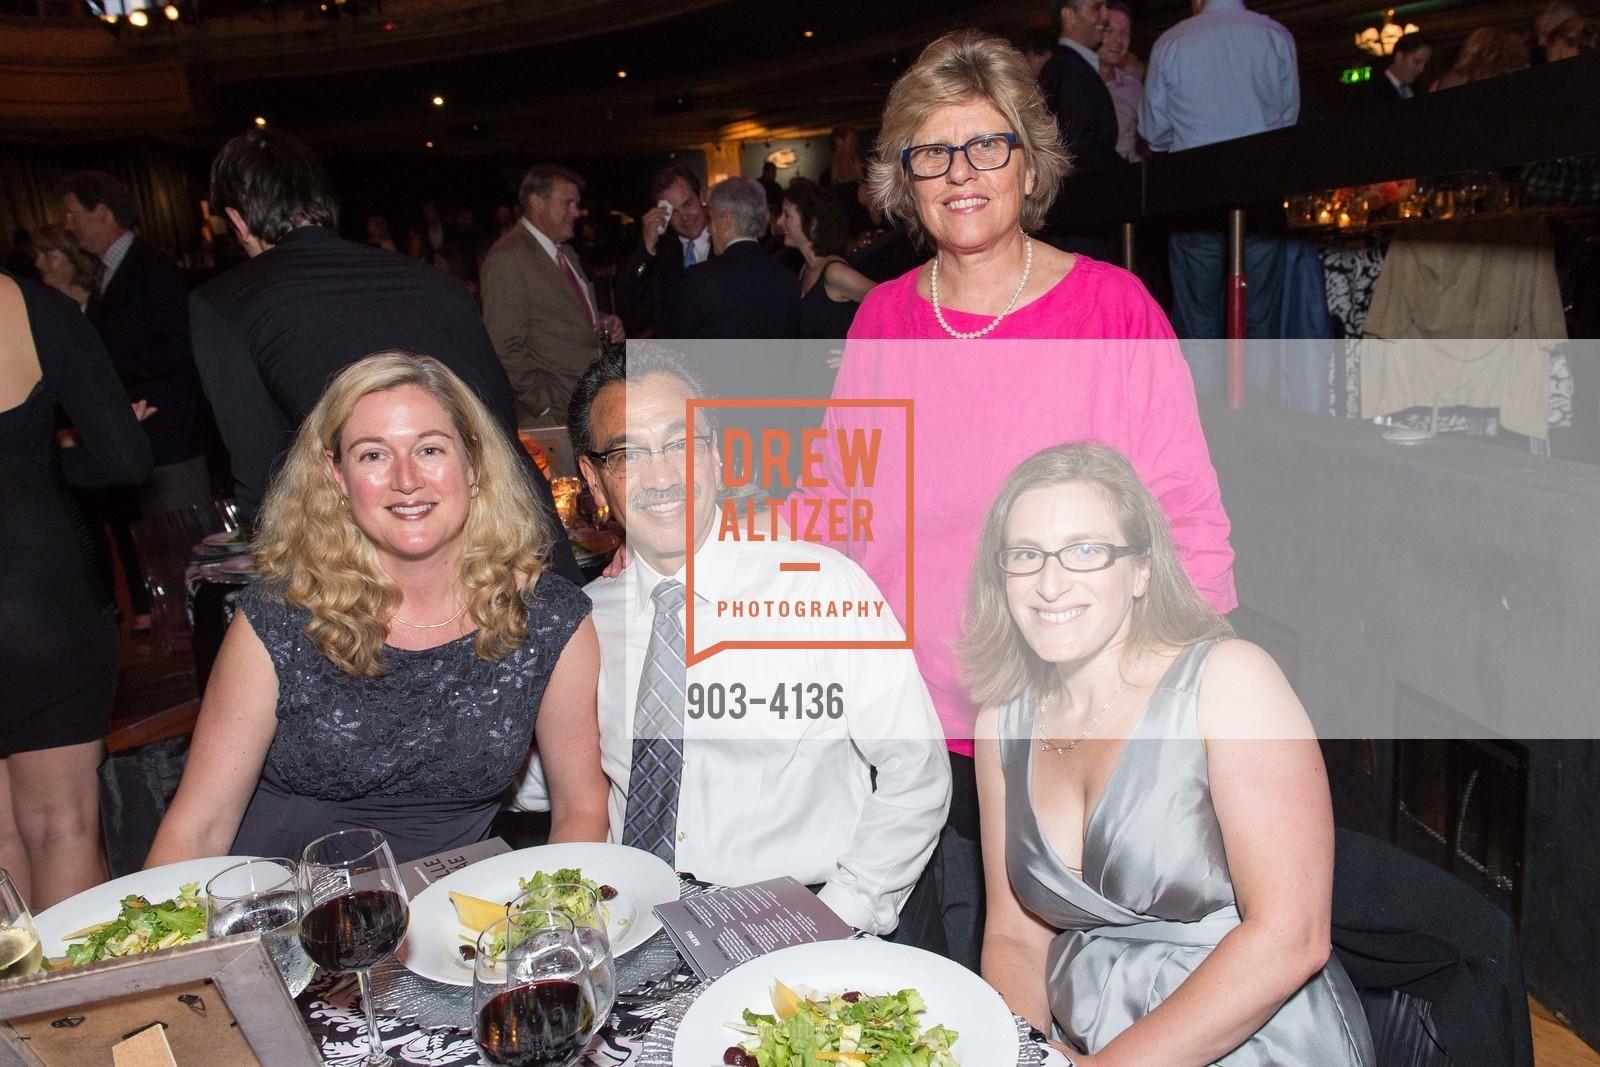 Sheila Arcelona, Steve Arcelona, Sara ?, Ann Cochrane, Photo #903-4136